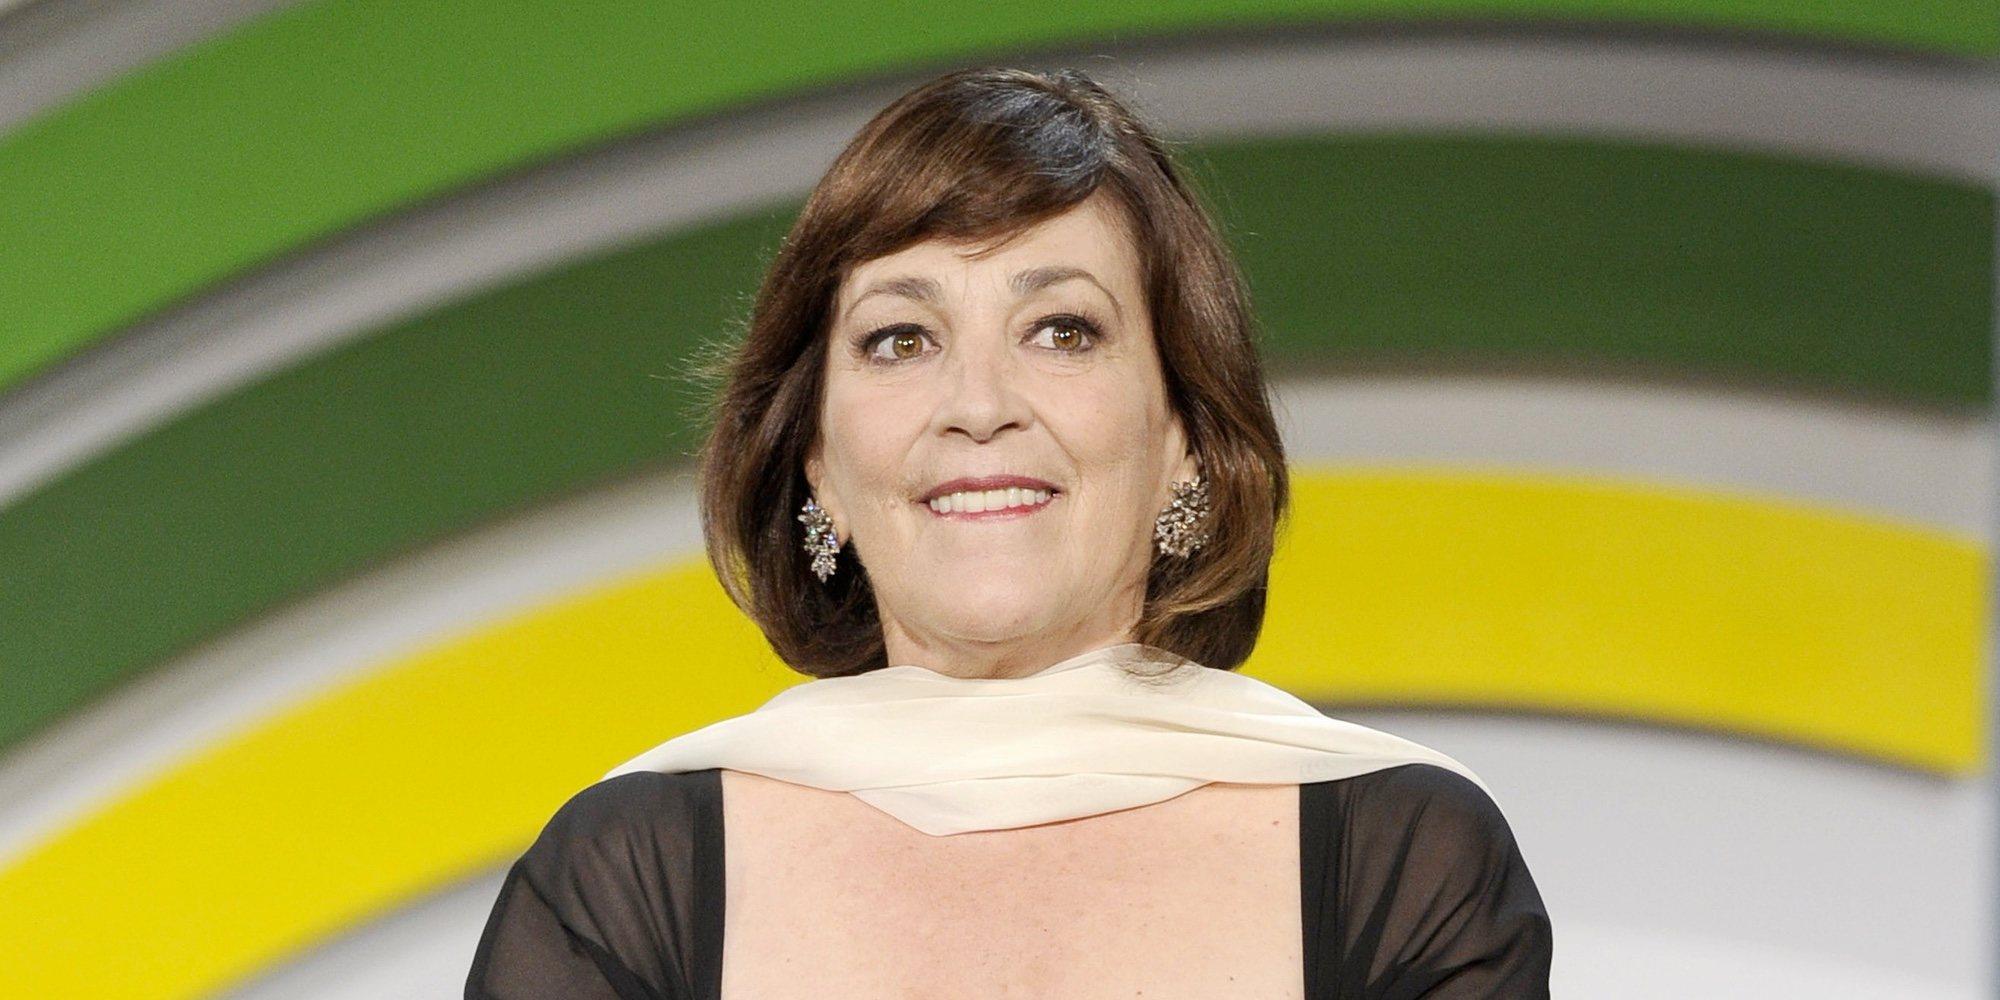 """Carmen Maura: """"No me creo a la mitad de las actrices que dicen que las han violado"""""""